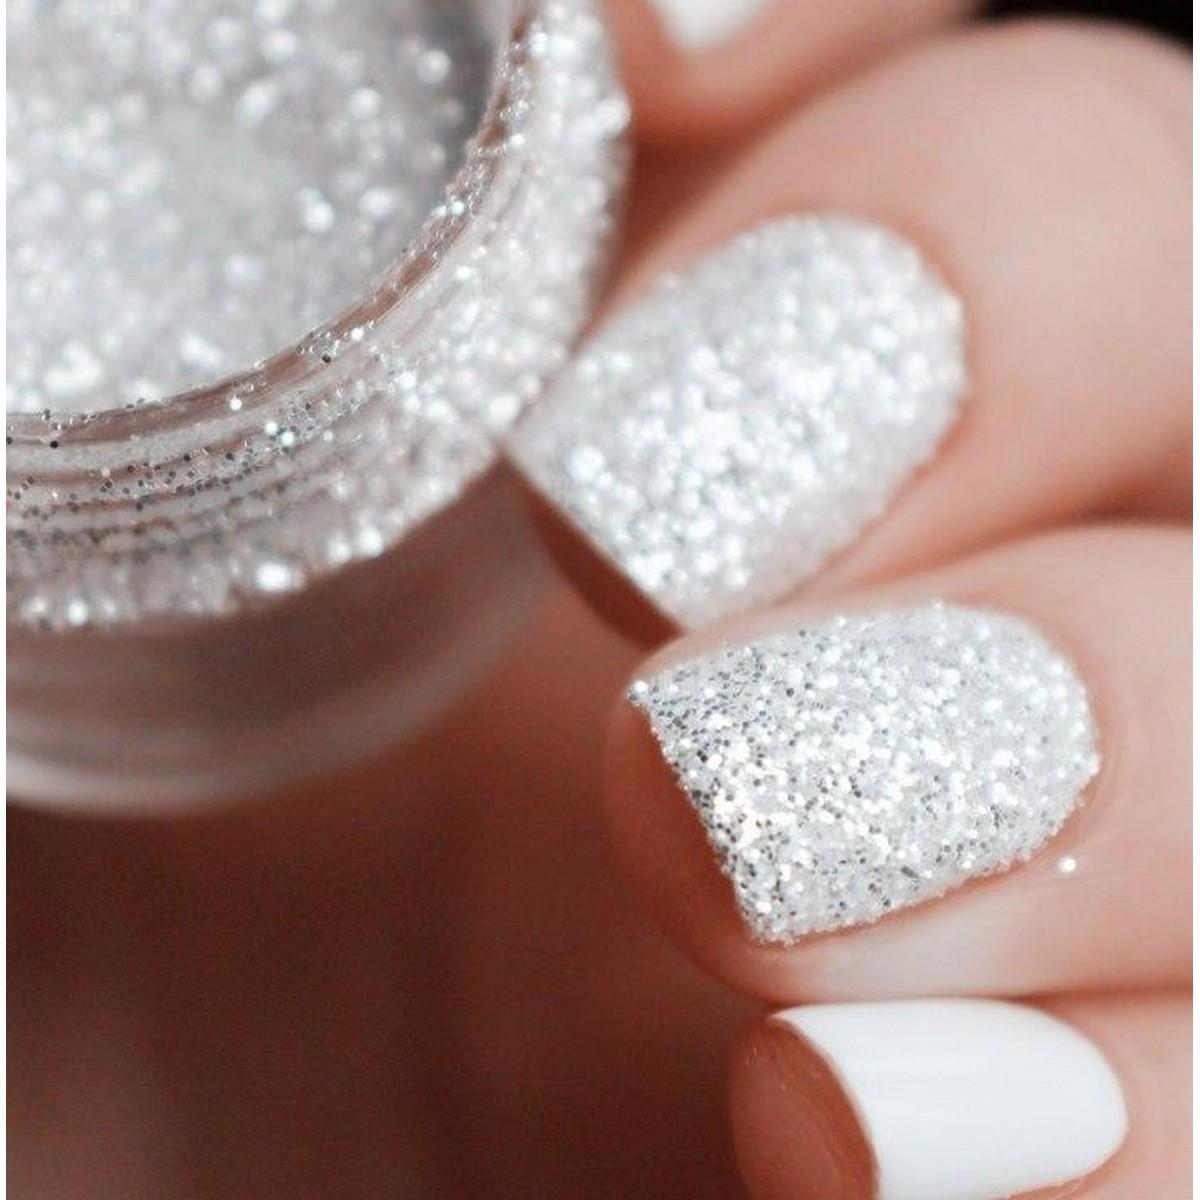 10ml 1mm Nail Glitter Powder White Shining Powder Manicure Decoration